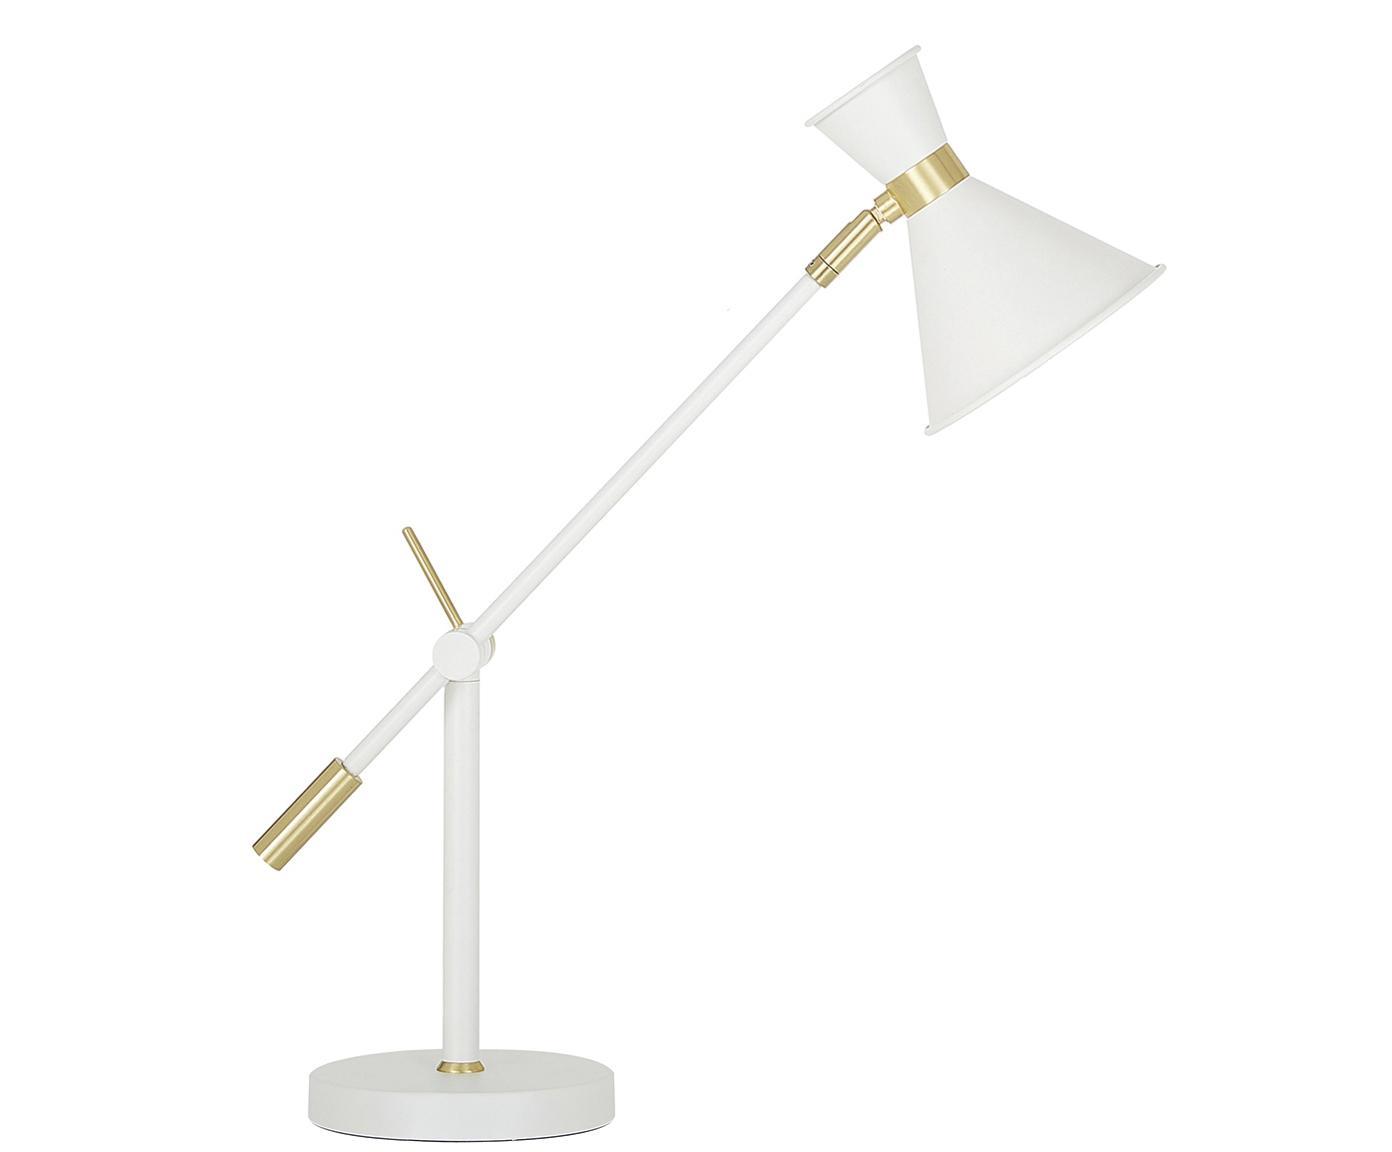 Skandi-Schreibtischlampe Audrey, Lampenschirm: Metall, pulverbeschichtet, Lampenfuß: Metall, pulverbeschichtet, Mattweiß, ∅ 15 x H 68 cm